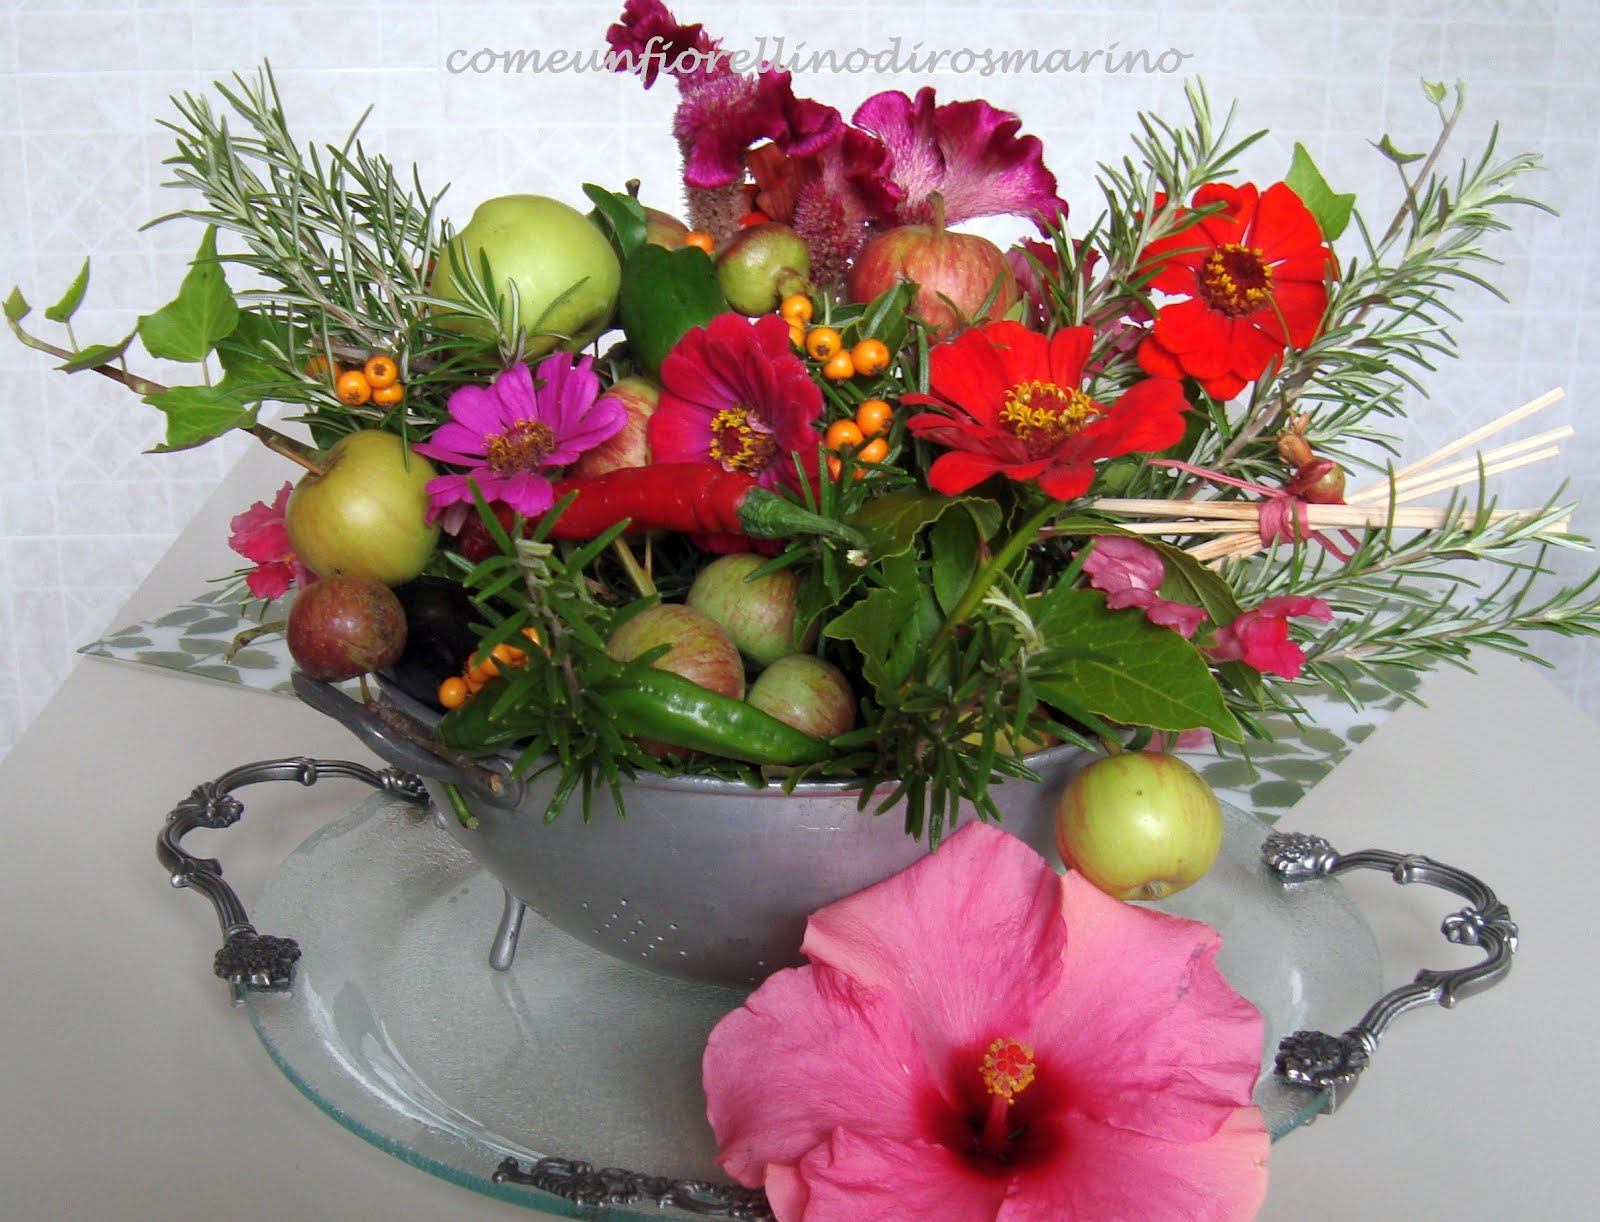 Preferenza Come un fiorellino di rosmarino: BUON COMPLEANNO FIORELLINO ZE03